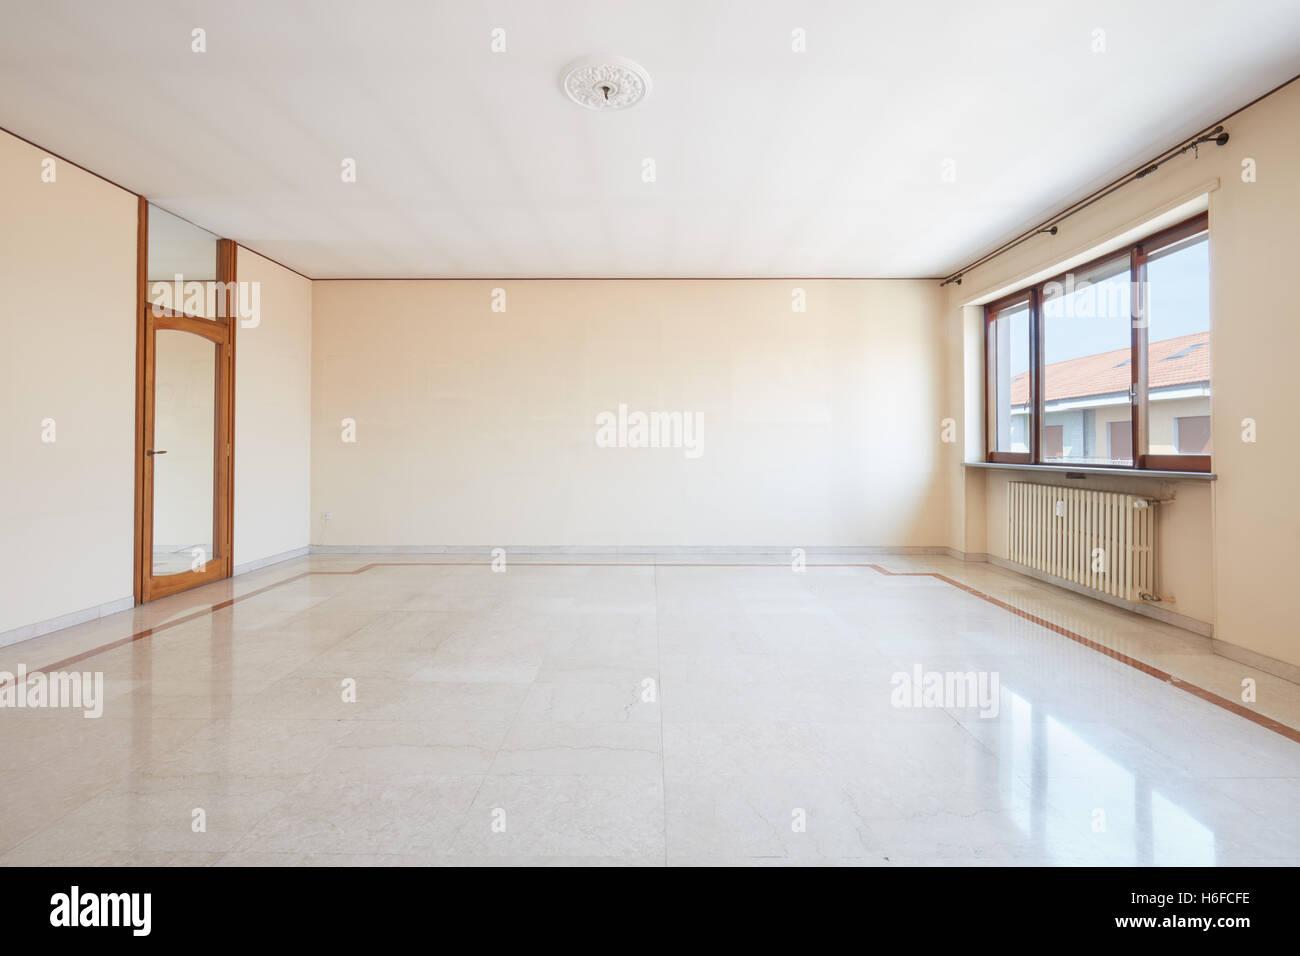 Große leere Wohnzimmer Interieur mit Marmorboden Stockfoto, Bild ...